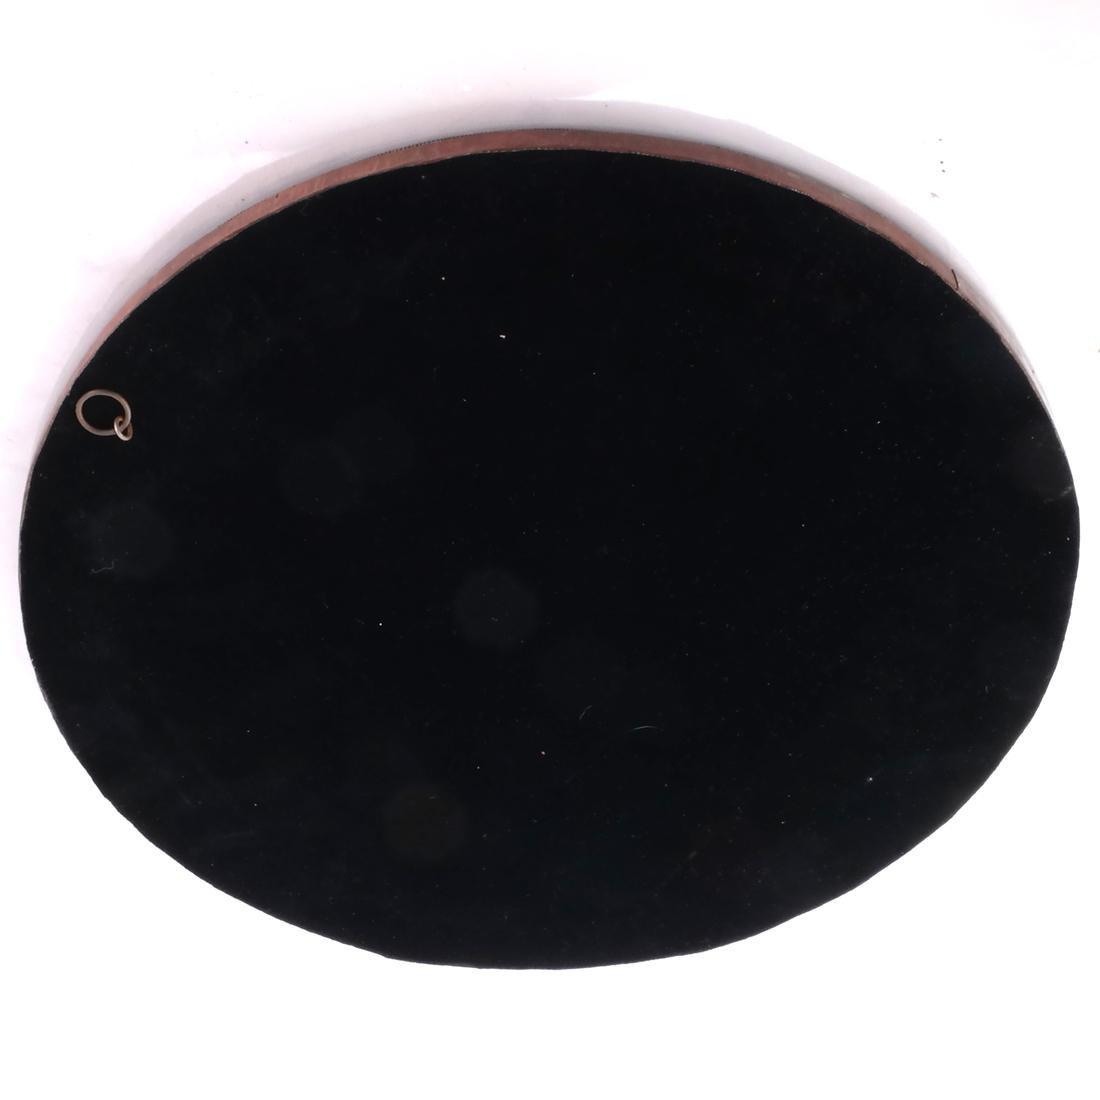 Tessellated-Style Circular Mirror - 3